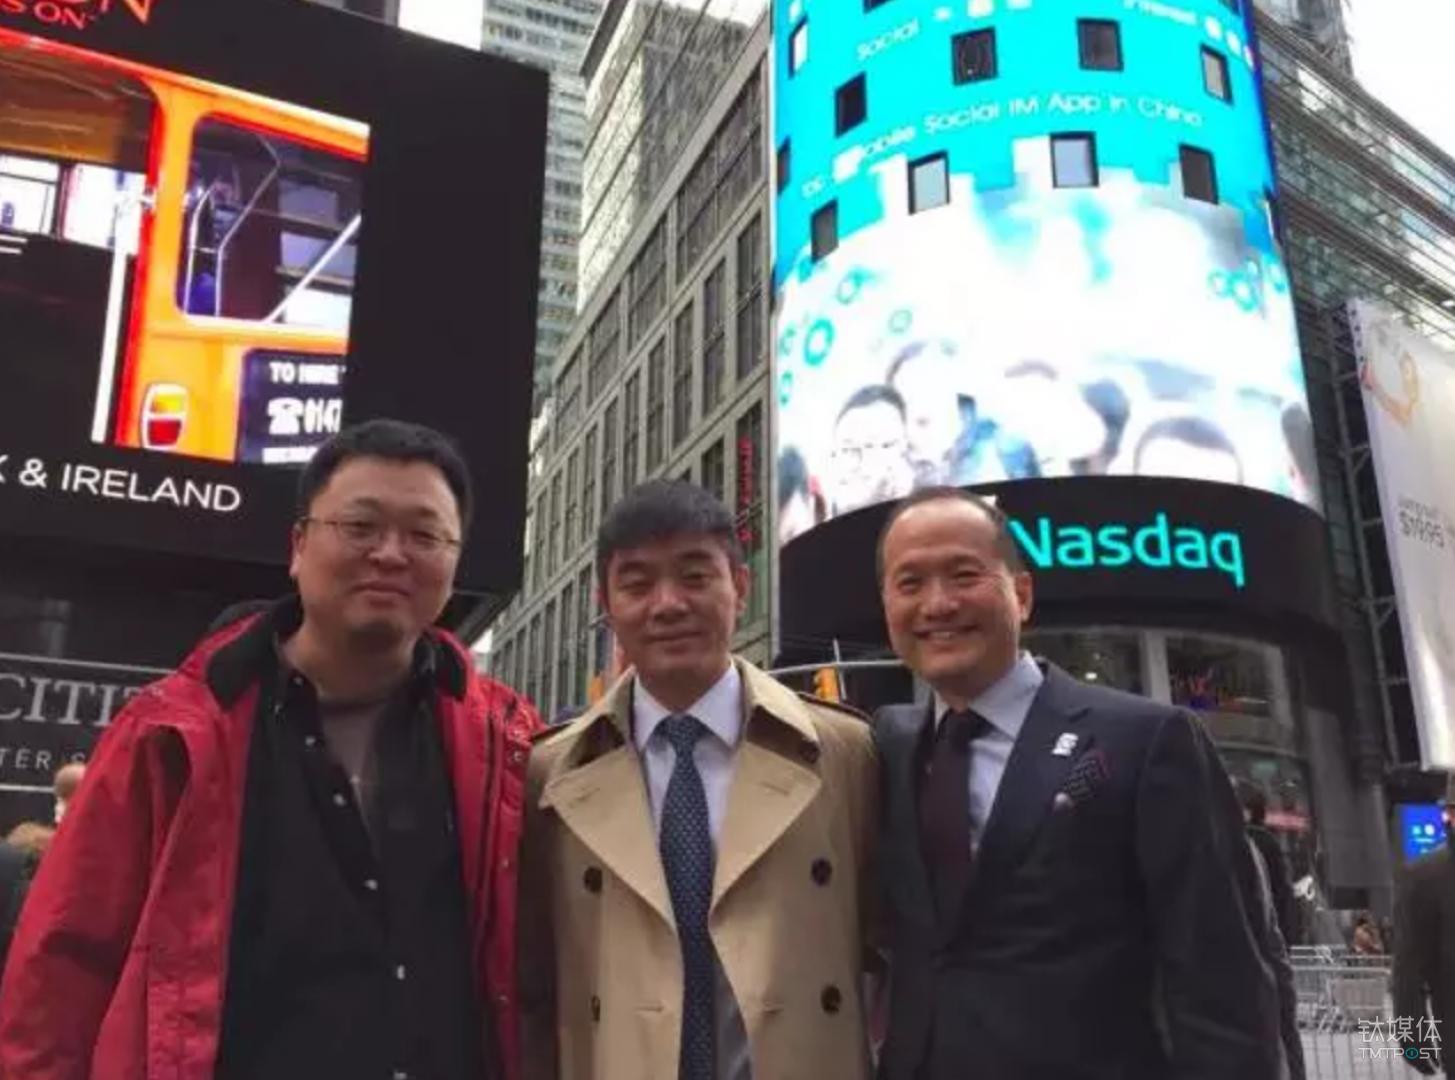 从左至右分别是站在美国纽约纳斯达克前的罗永浩、唐岩和郑刚